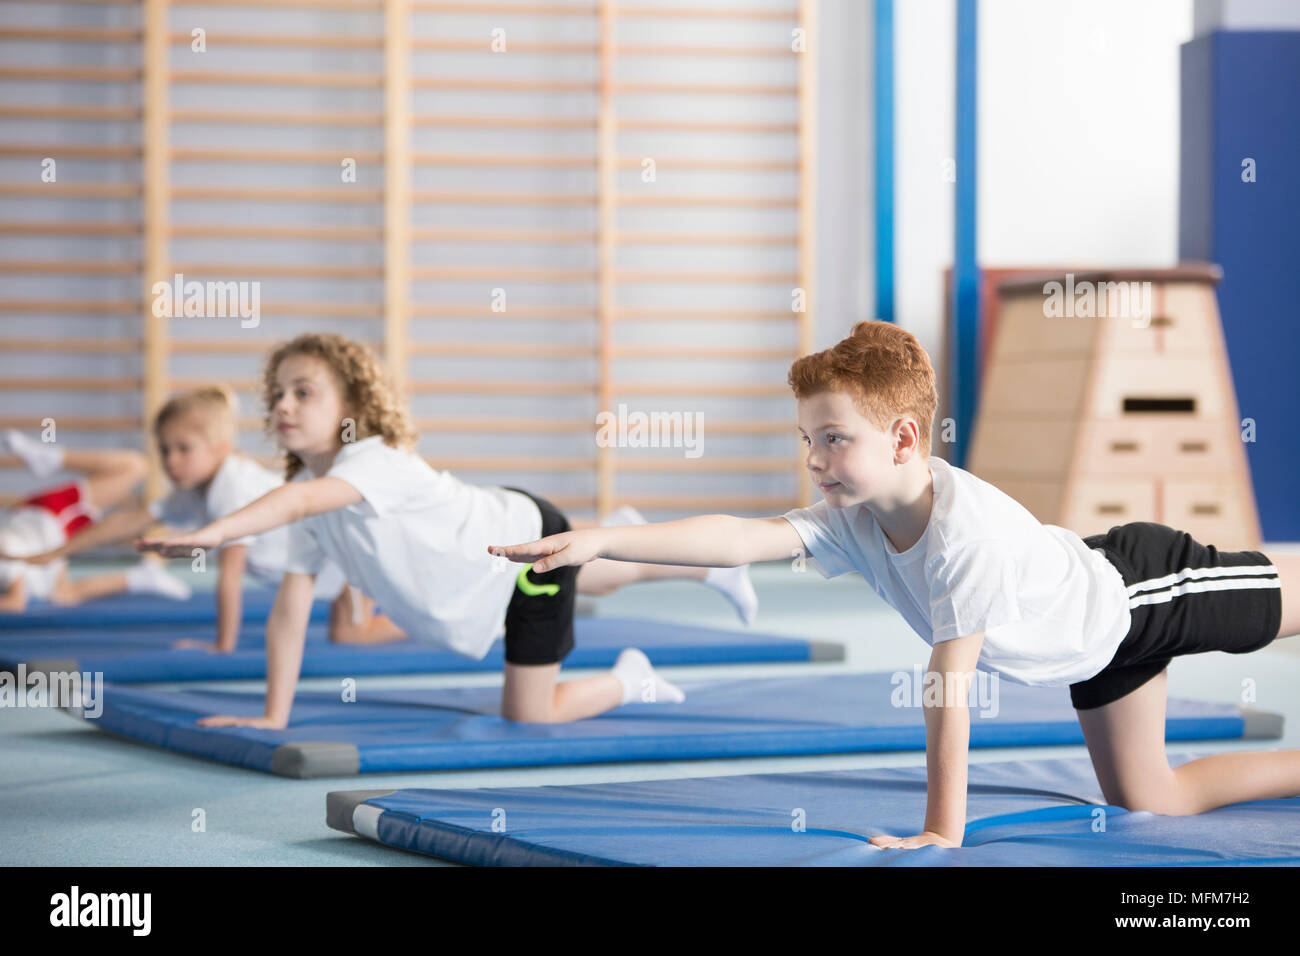 Gruppe von Kindern Gymnastik auf blauen Matten im Sportunterricht der Klasse in der Schule Stockfoto